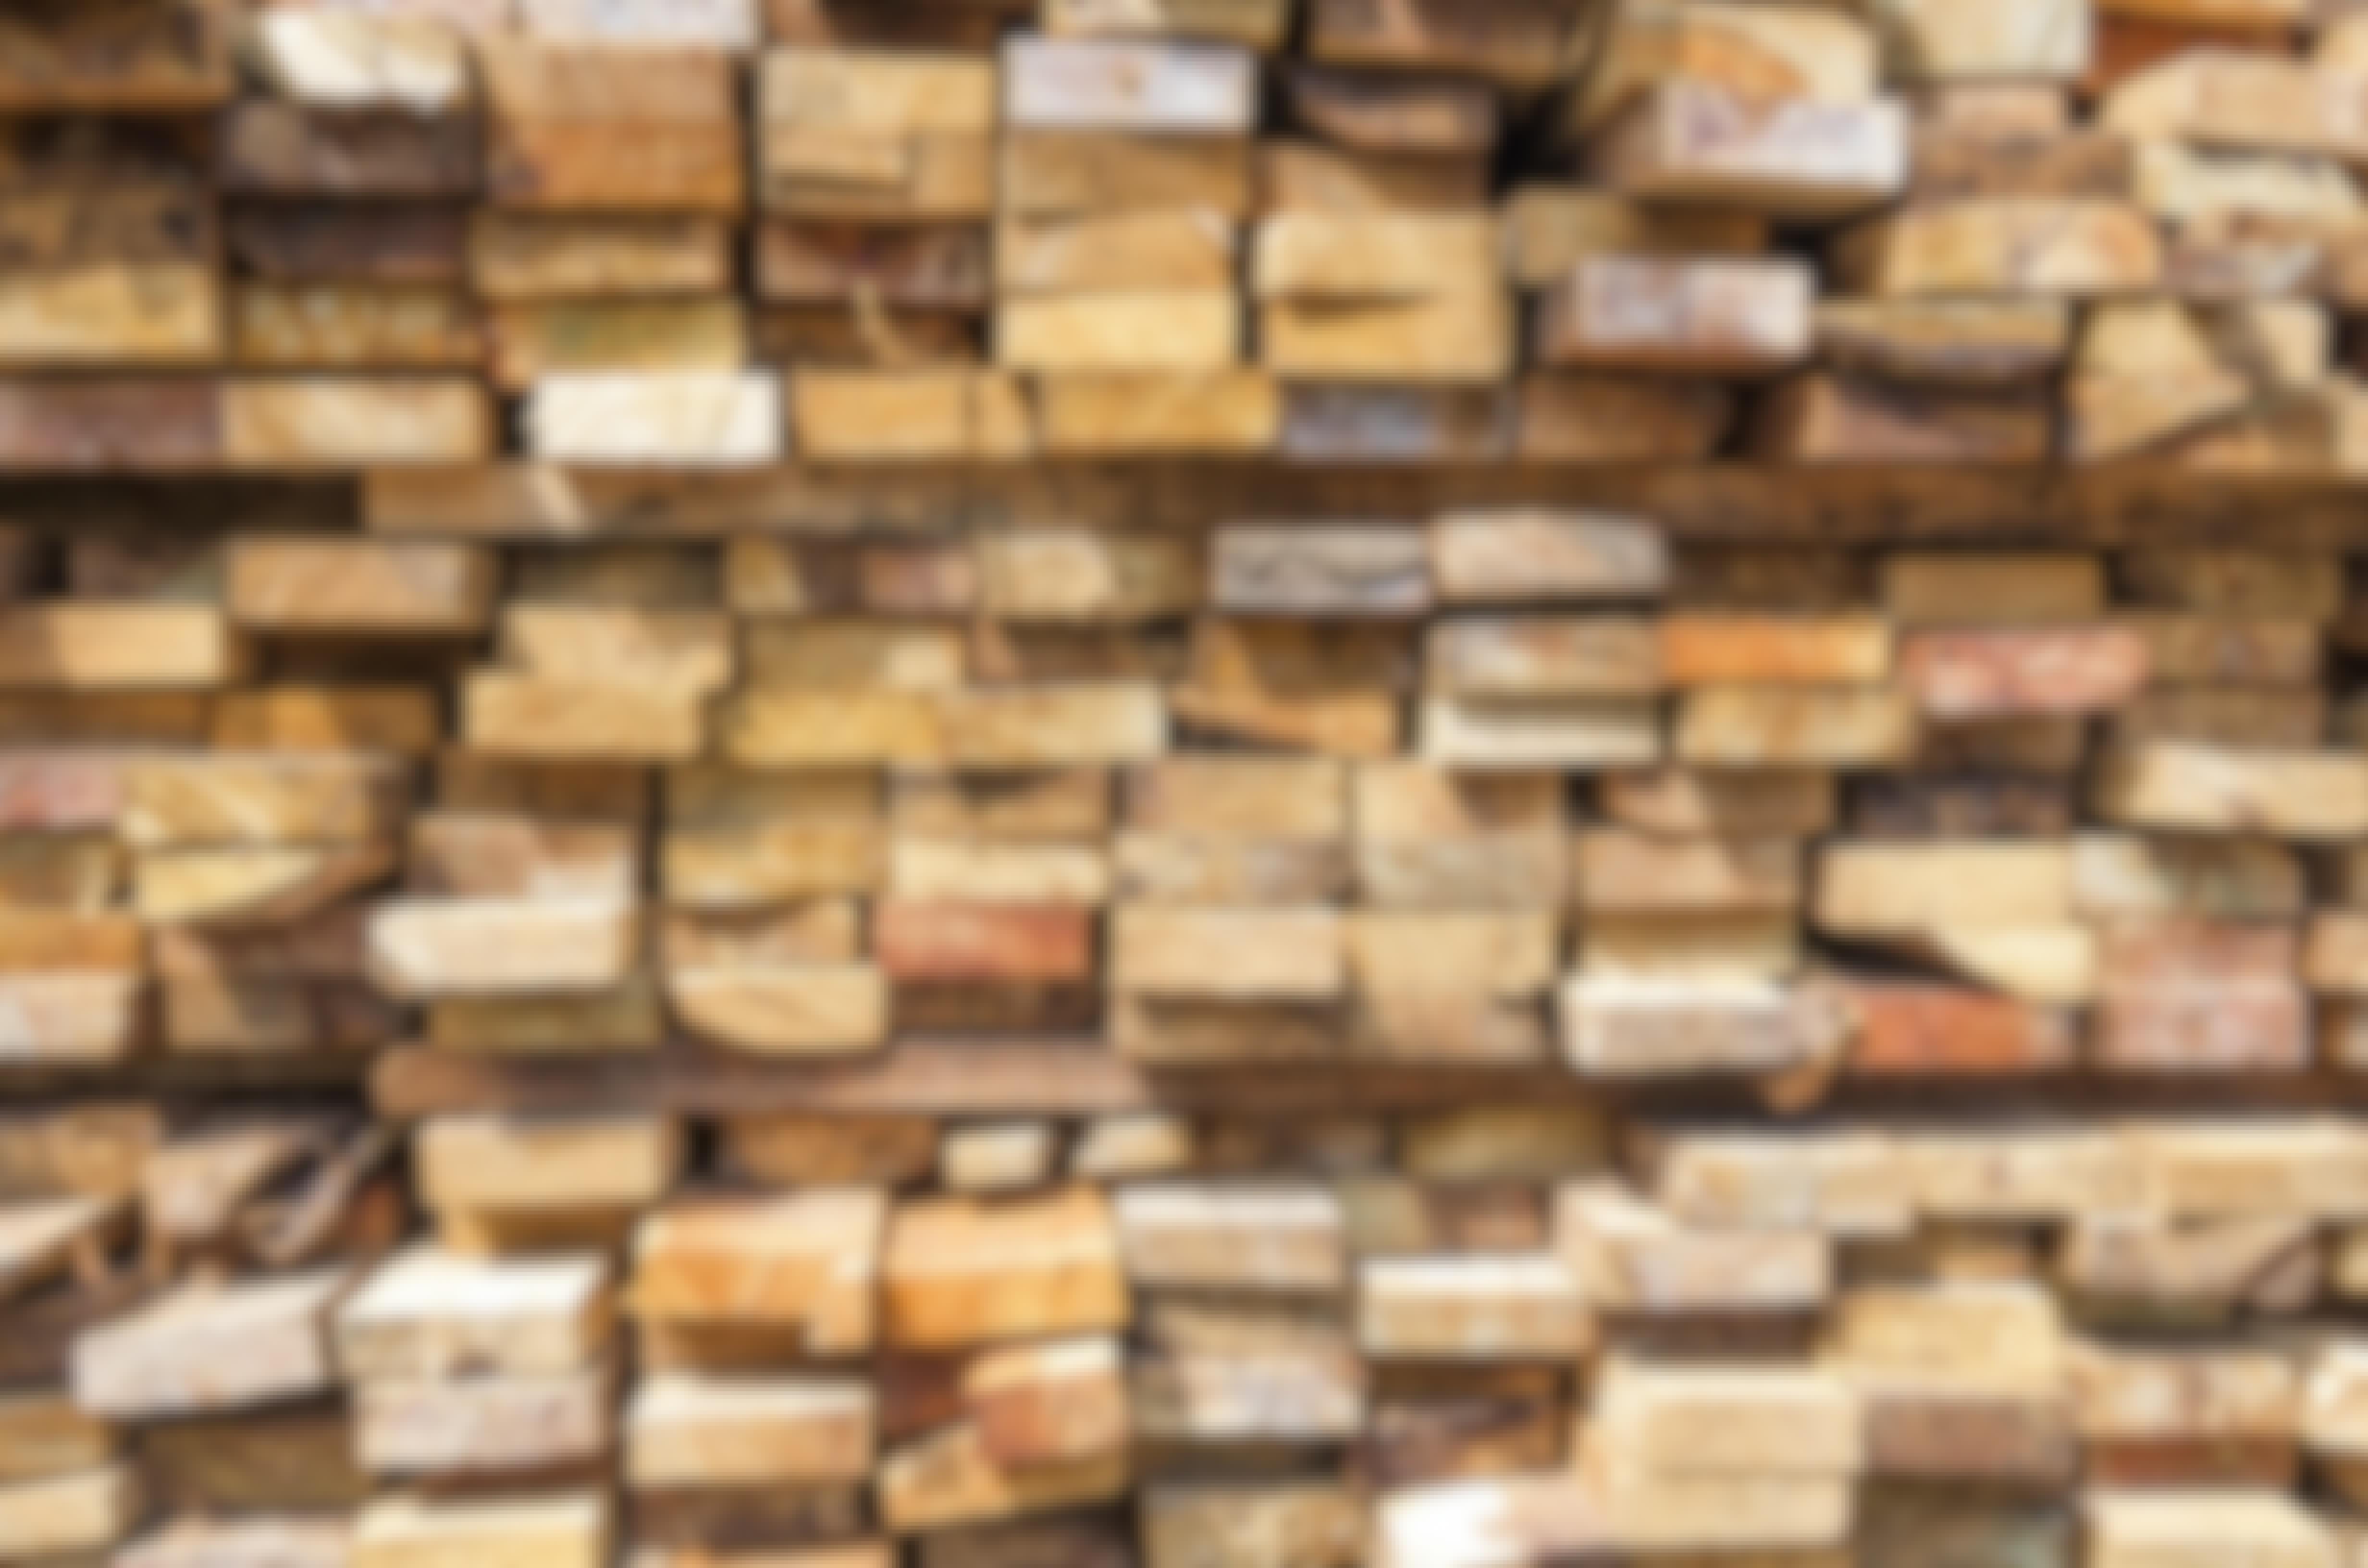 Det kan vara en god idé att välja trä med märket NTR, eftersom NTR ställer krav på impregnering, torkning och miljö.